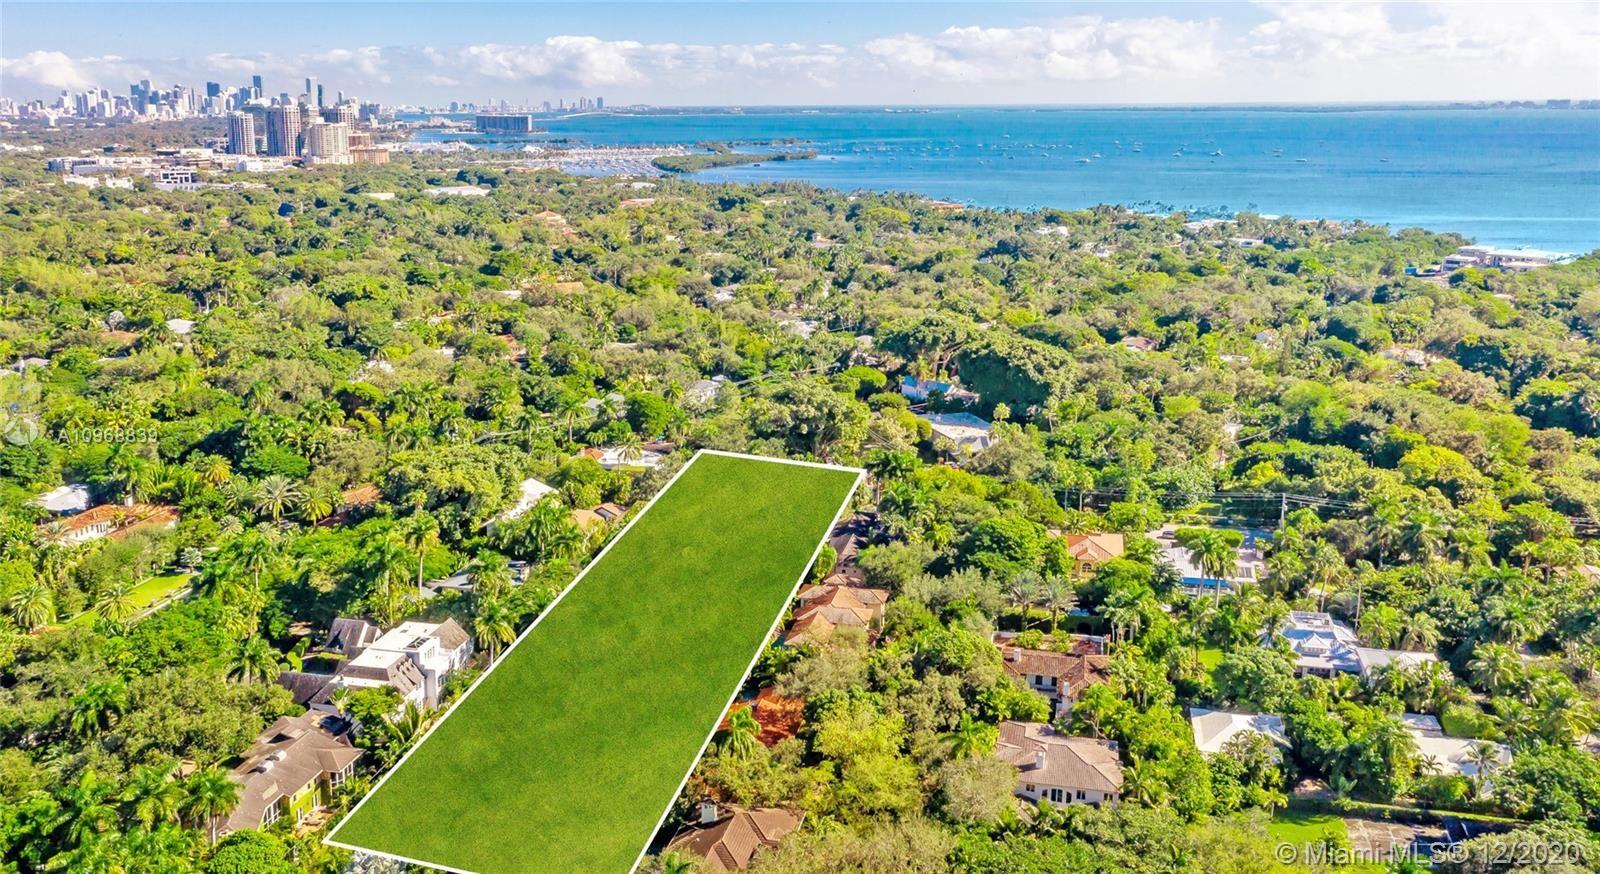 3940 S Douglas Rd, Miami, FL 33133 - #: A10968839